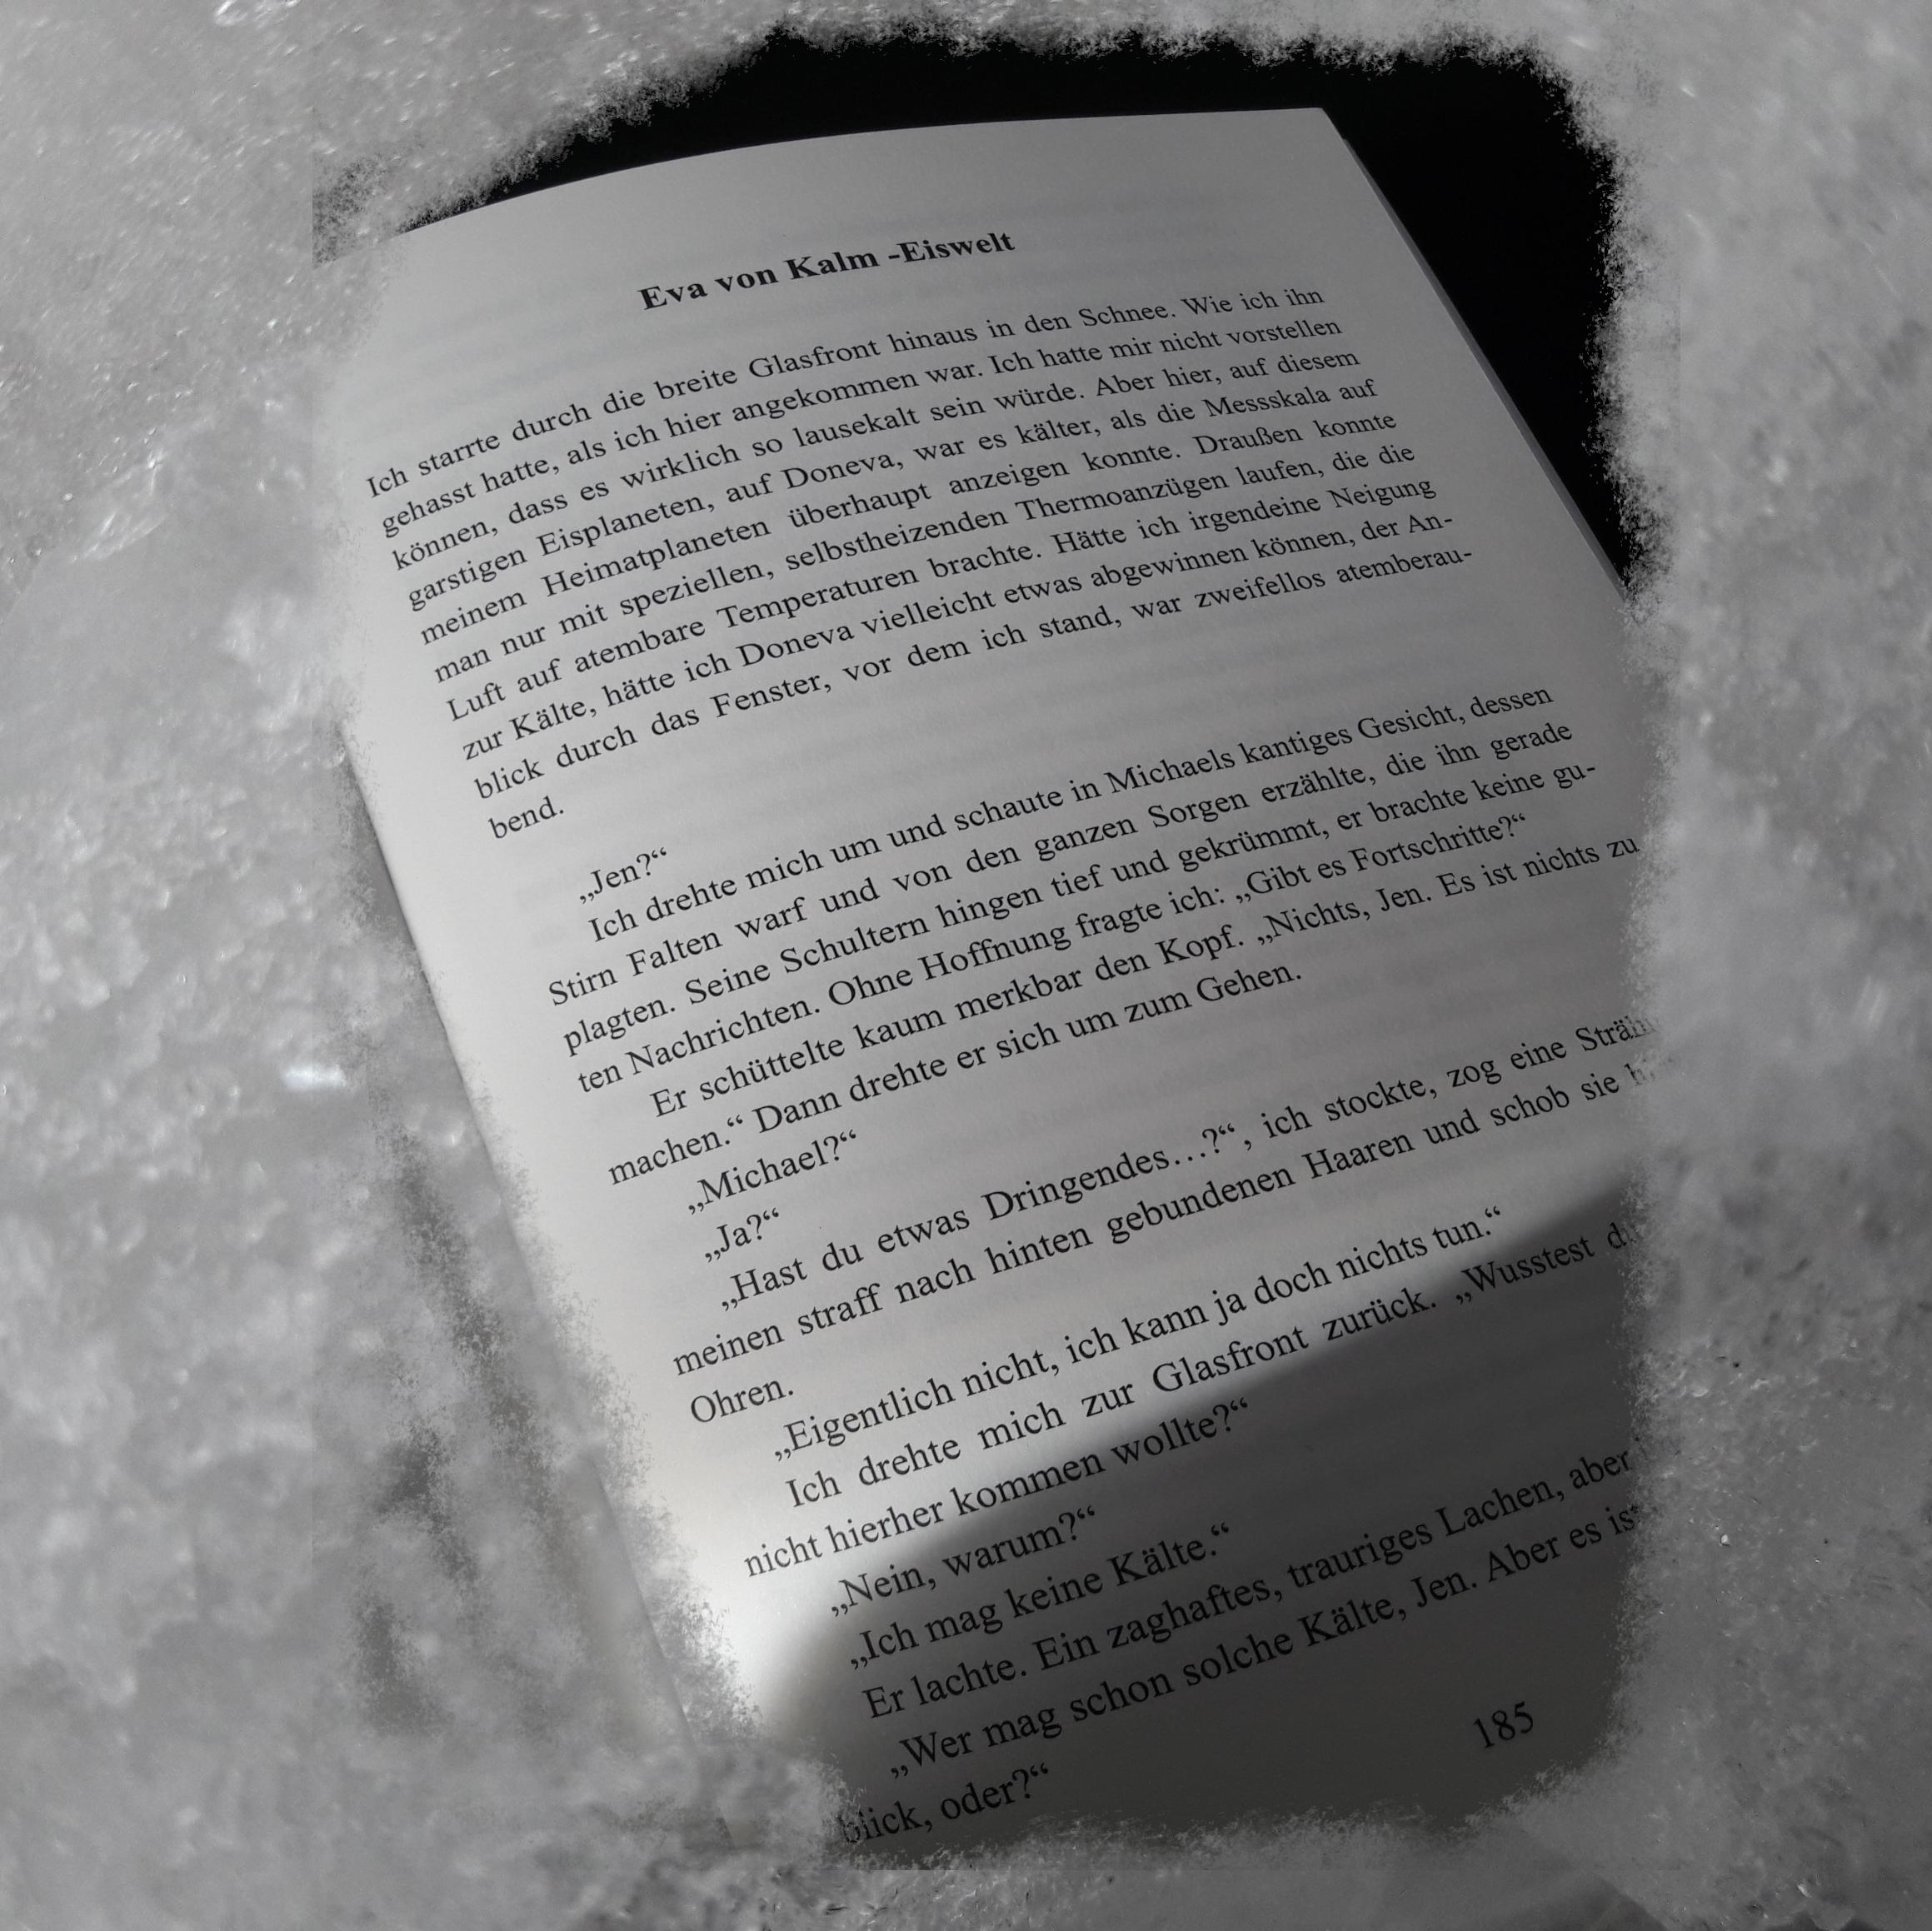 Eiswelt Eine Science Fiction Kurzgeschichte In Der Eine Junge Frau Die Welt Retten Muss Dabei Stellt Sich Ihr Die Frage Was Wichtige Person Personalized Items